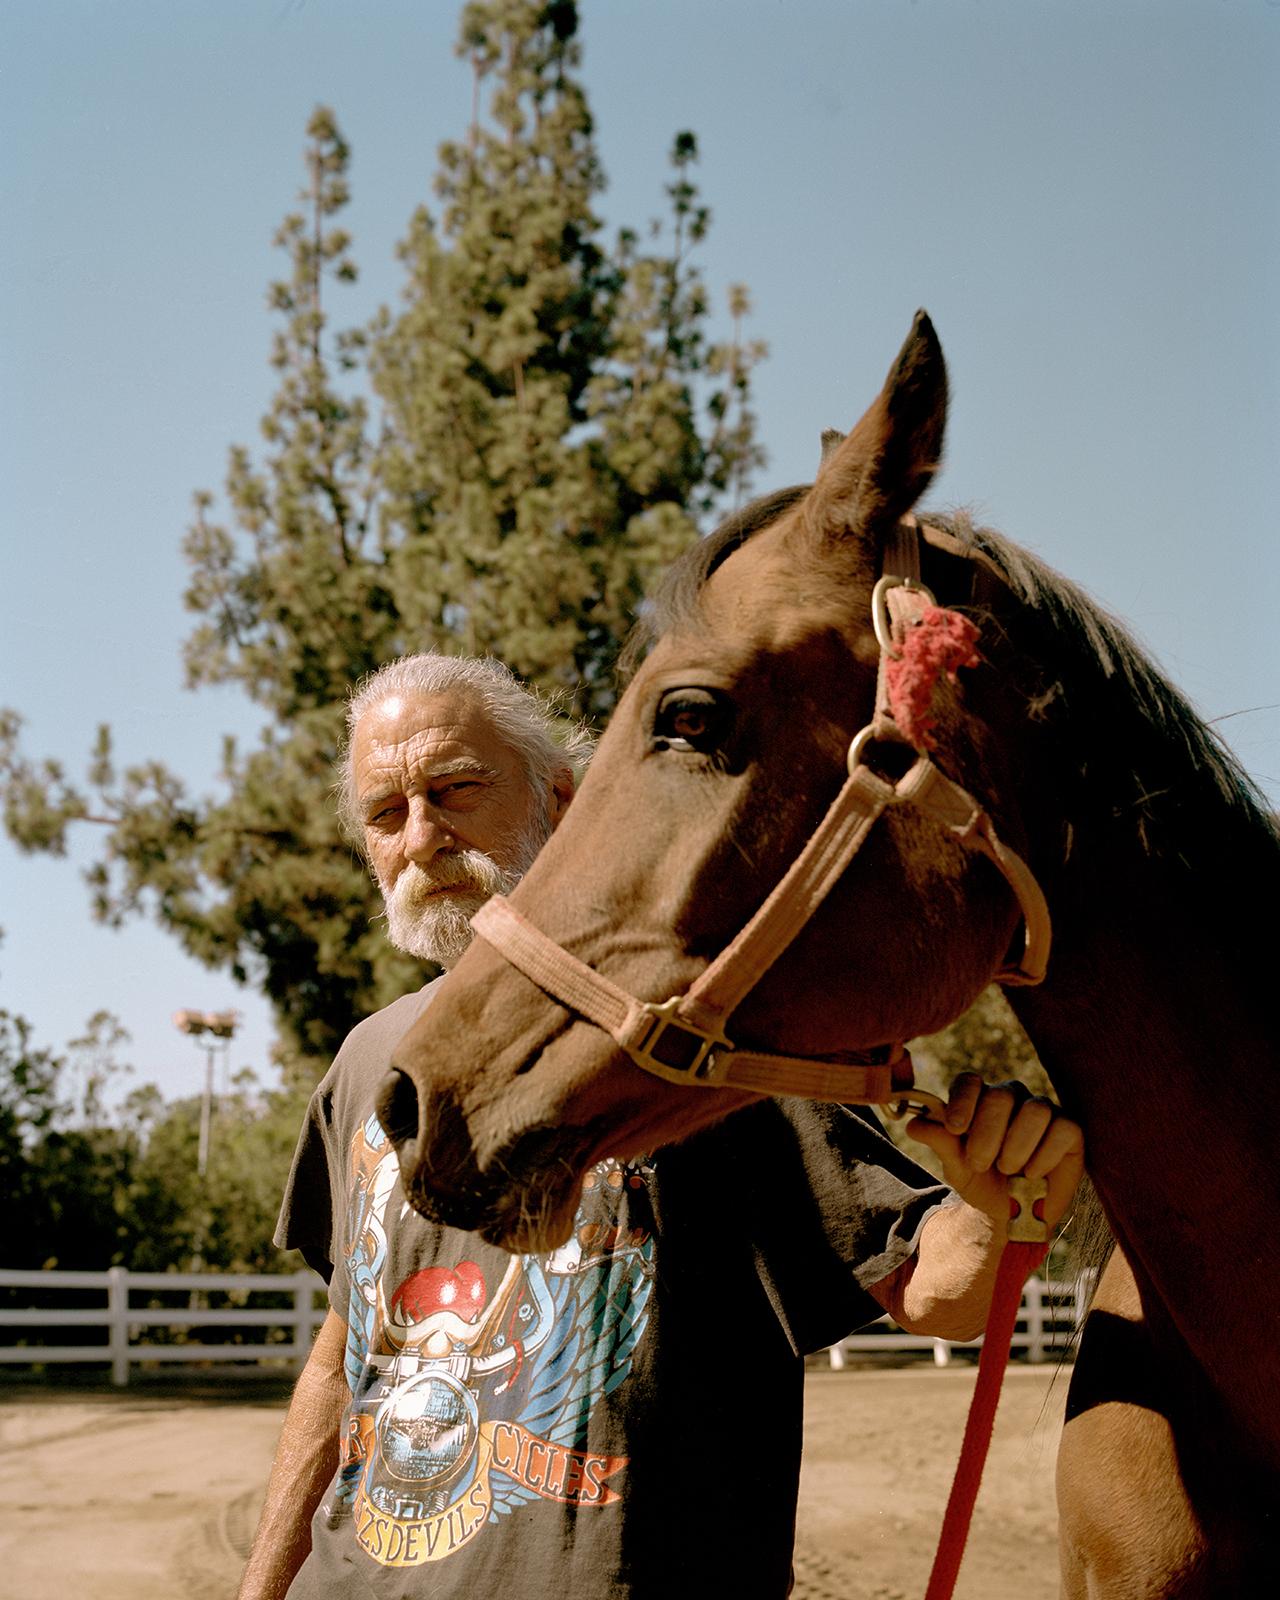 Henry Rose - October in Altadena